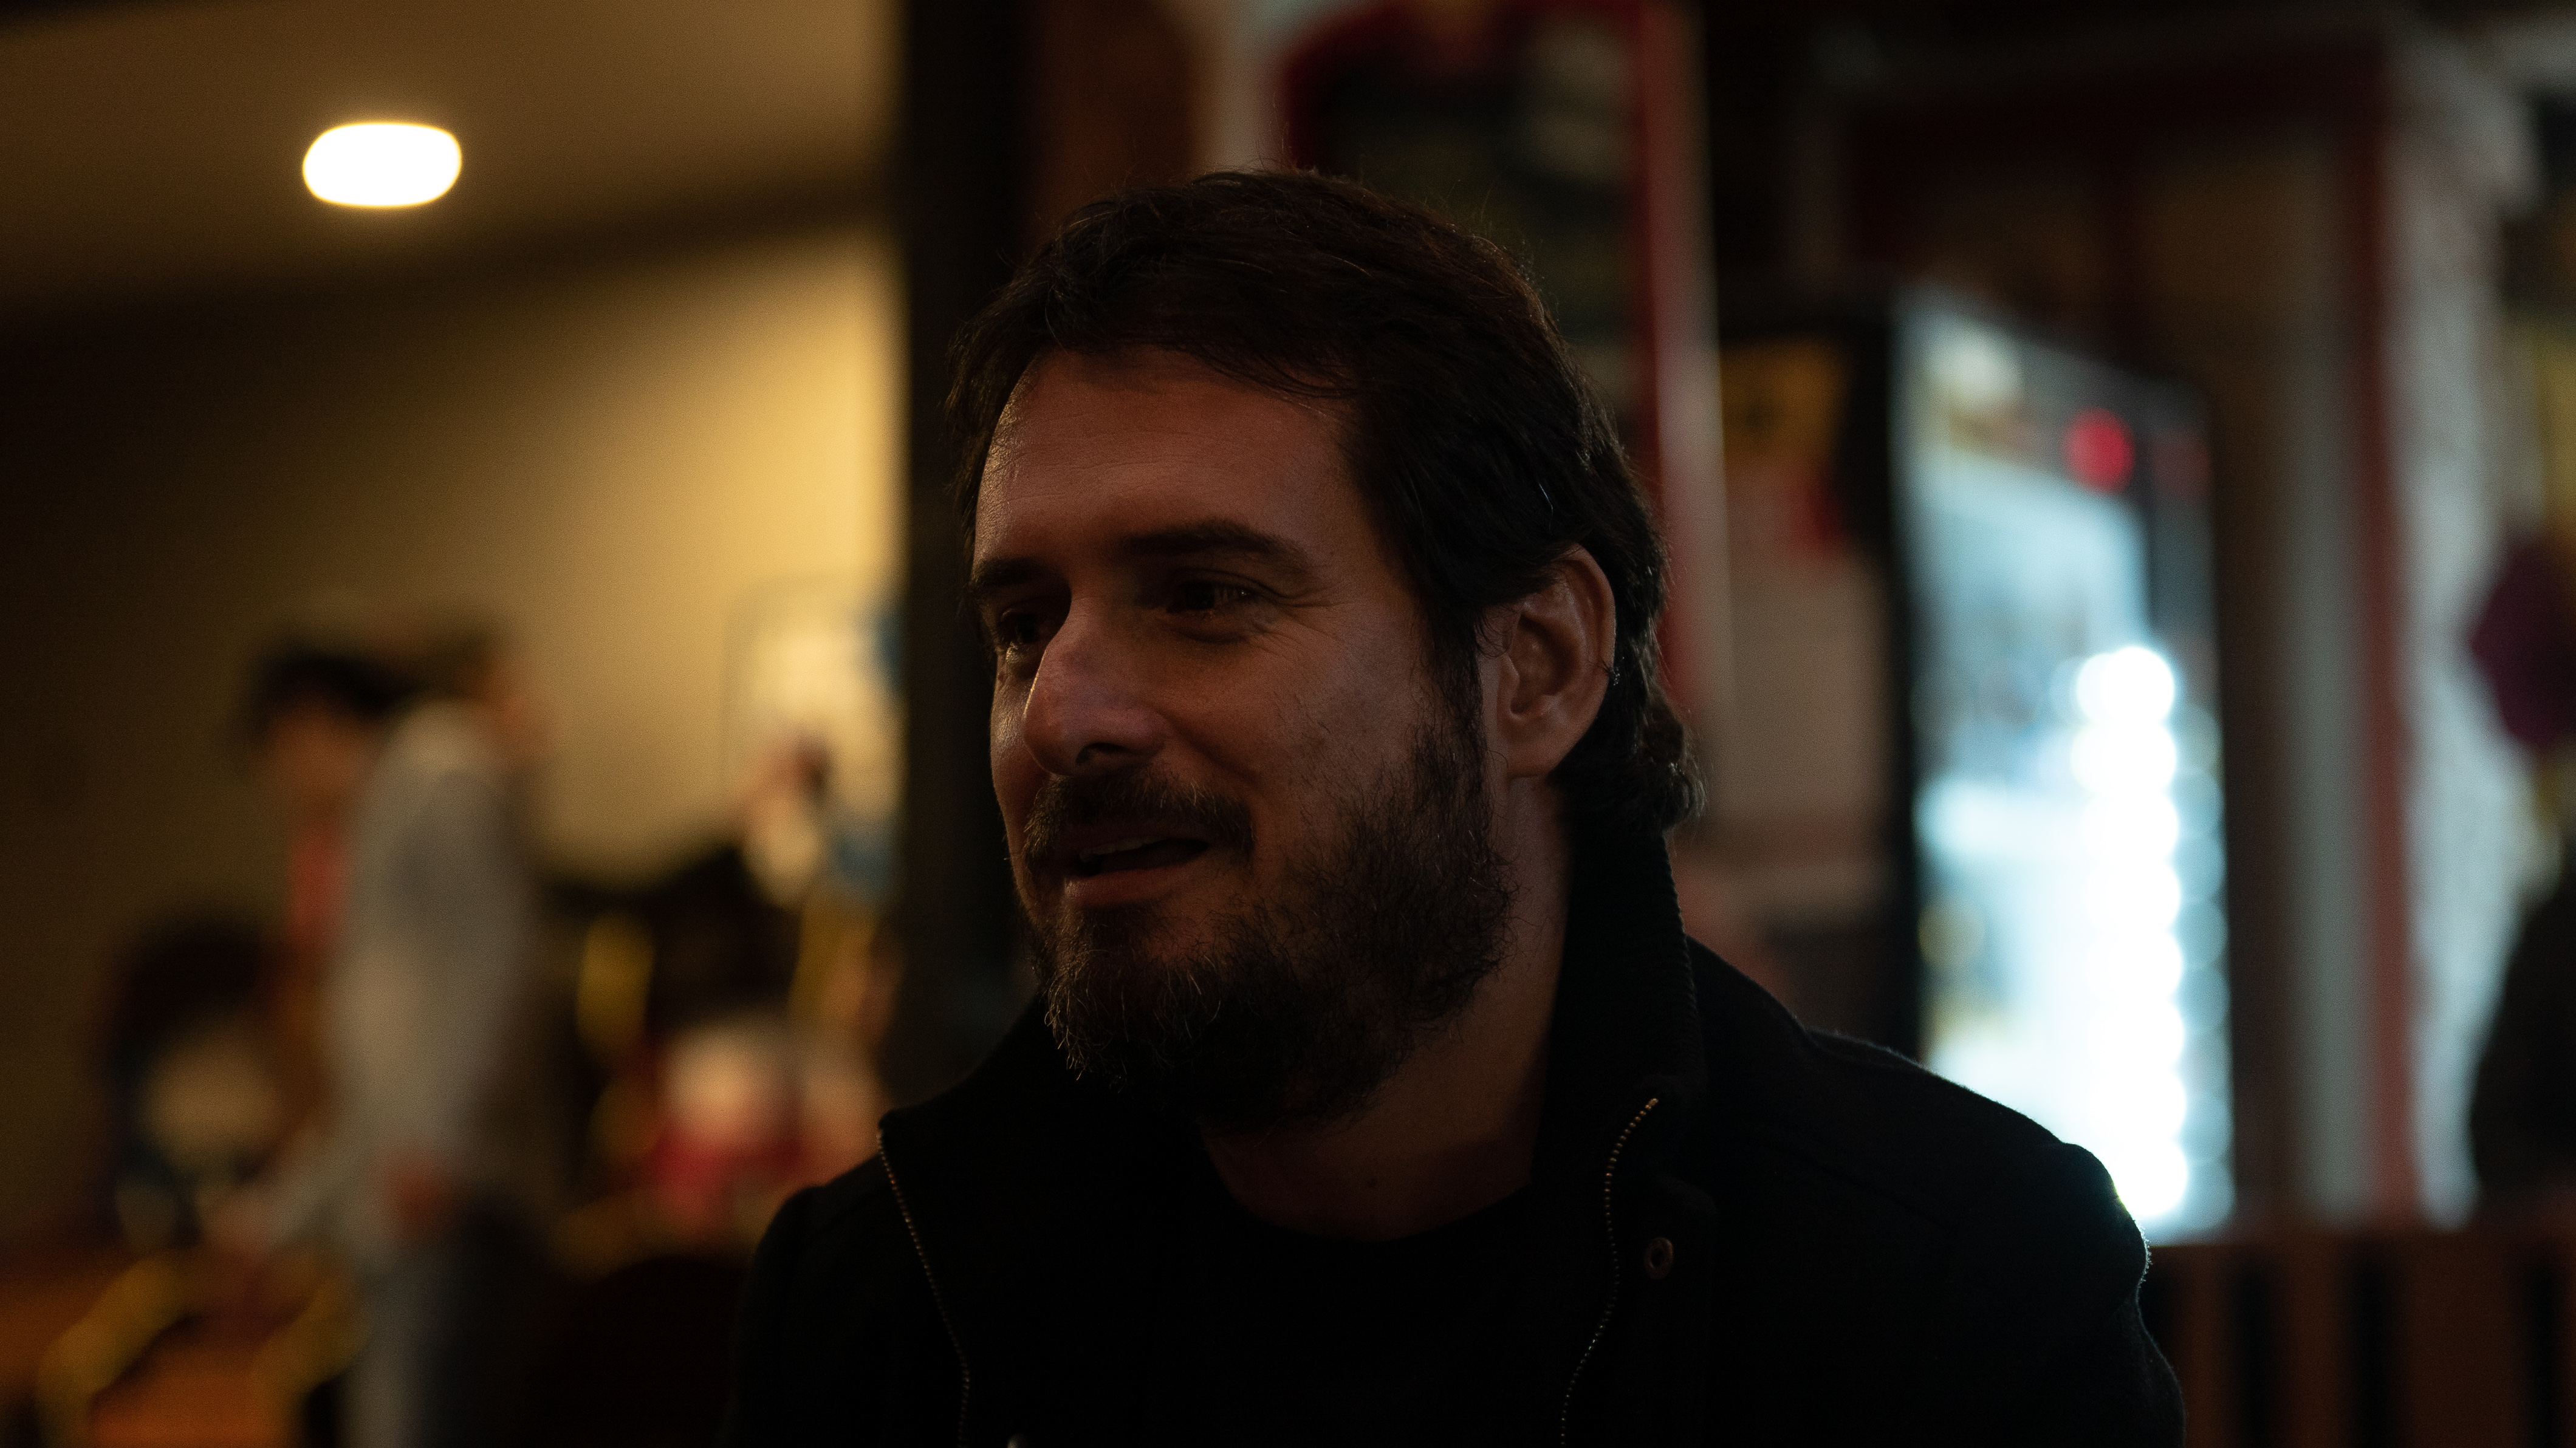 'El periodismo nacional de gran impacto es rehén de los grupos económicos': Juan Miguel Álvarez